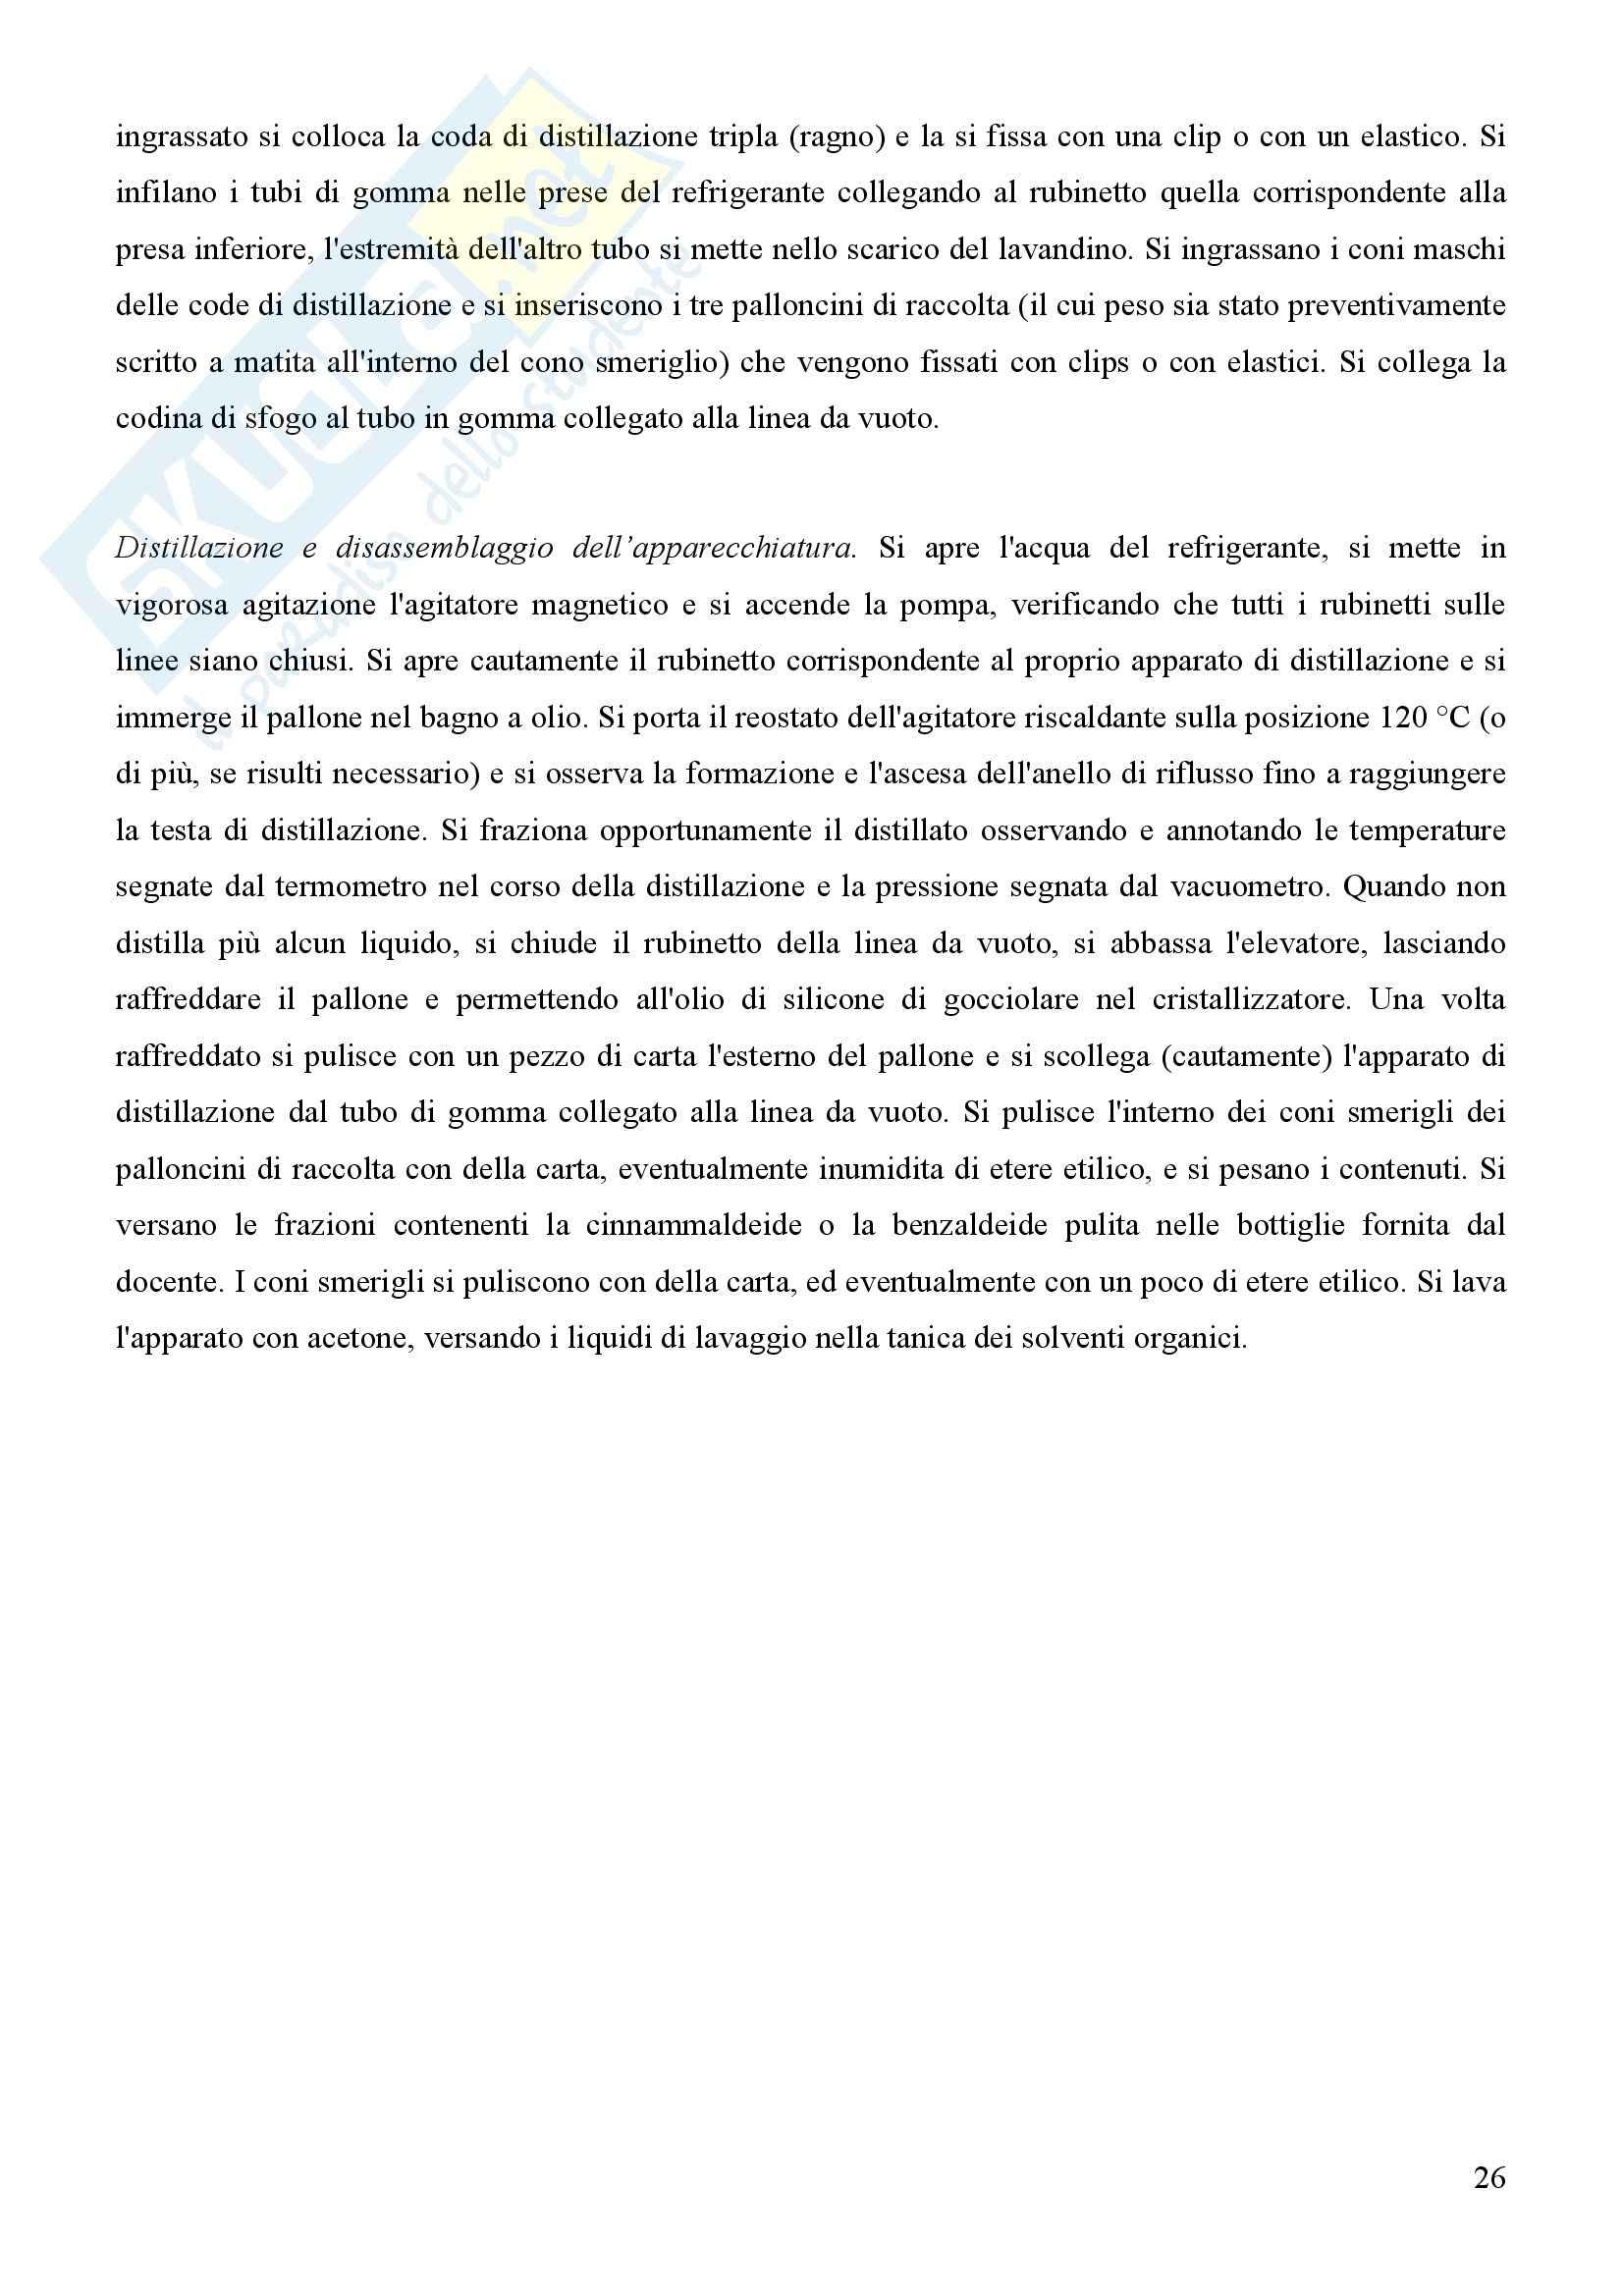 Laboratorio di estrazione e sintesi dei farmaci - Appunti Pag. 26